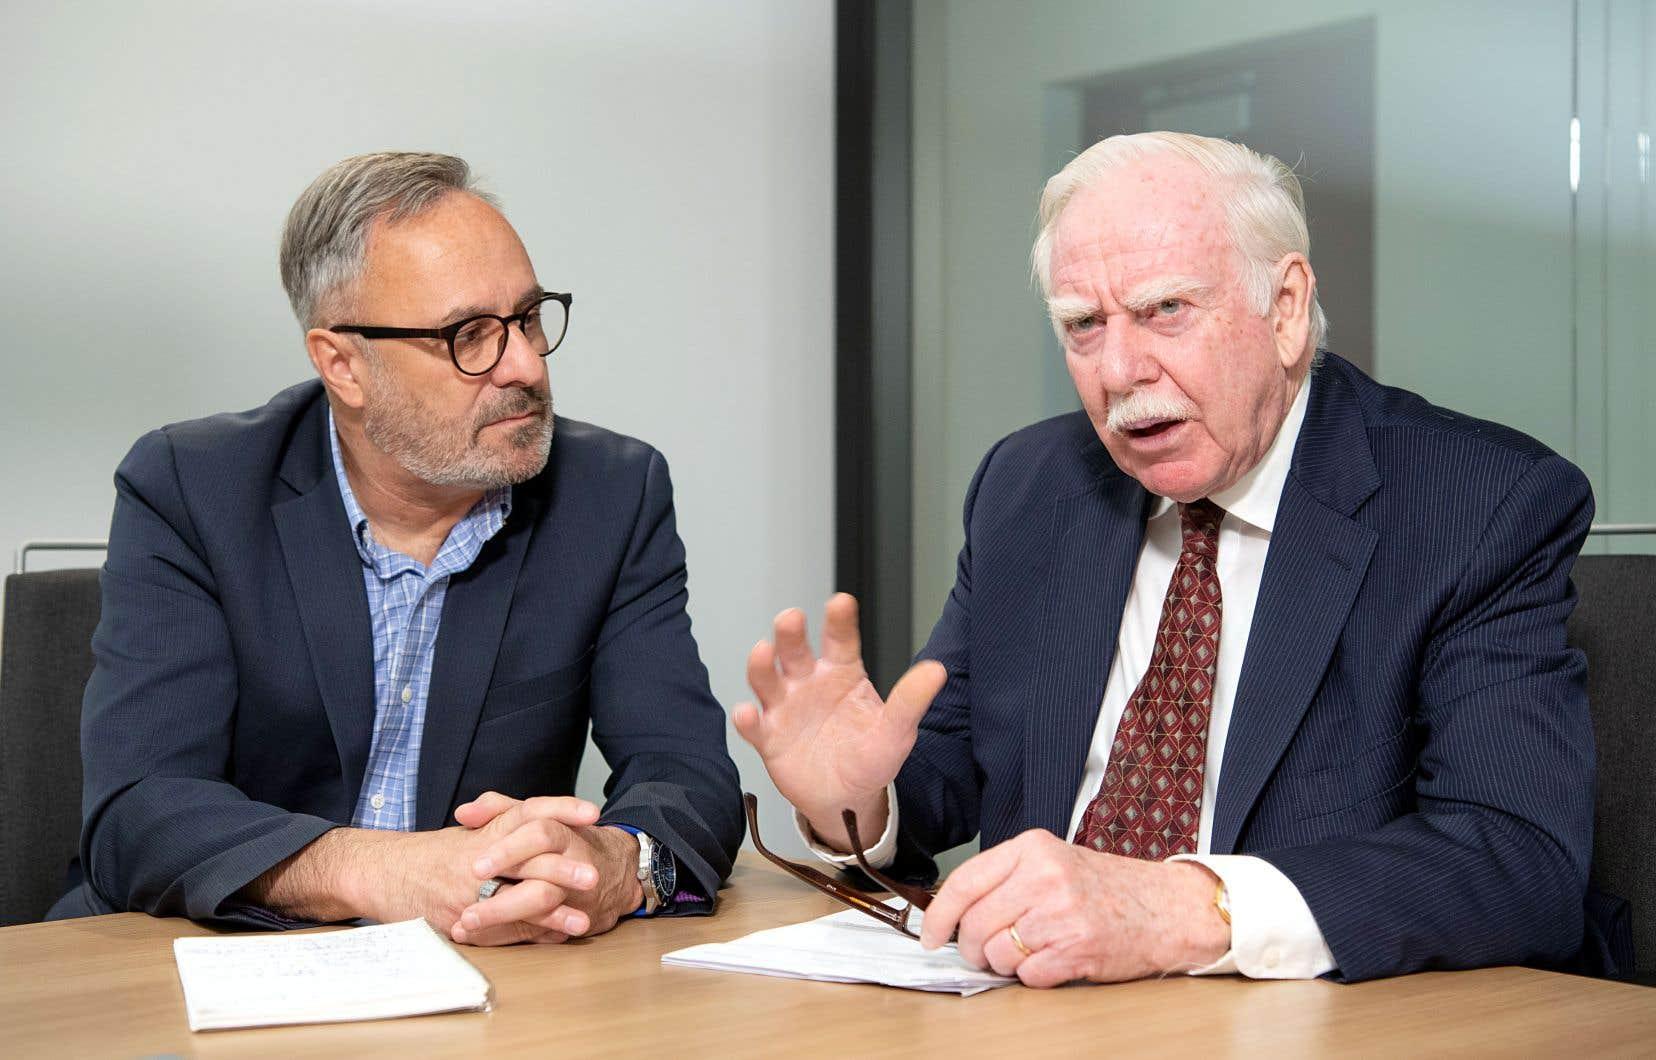 Daniel Boyer, vice-président du conseil d'administration du Fonds de solidarité FTQ et président de la Fédération des travailleurs et travailleuses du Québec, et Robert Parizeau, président du conseil d'administration du Fonds